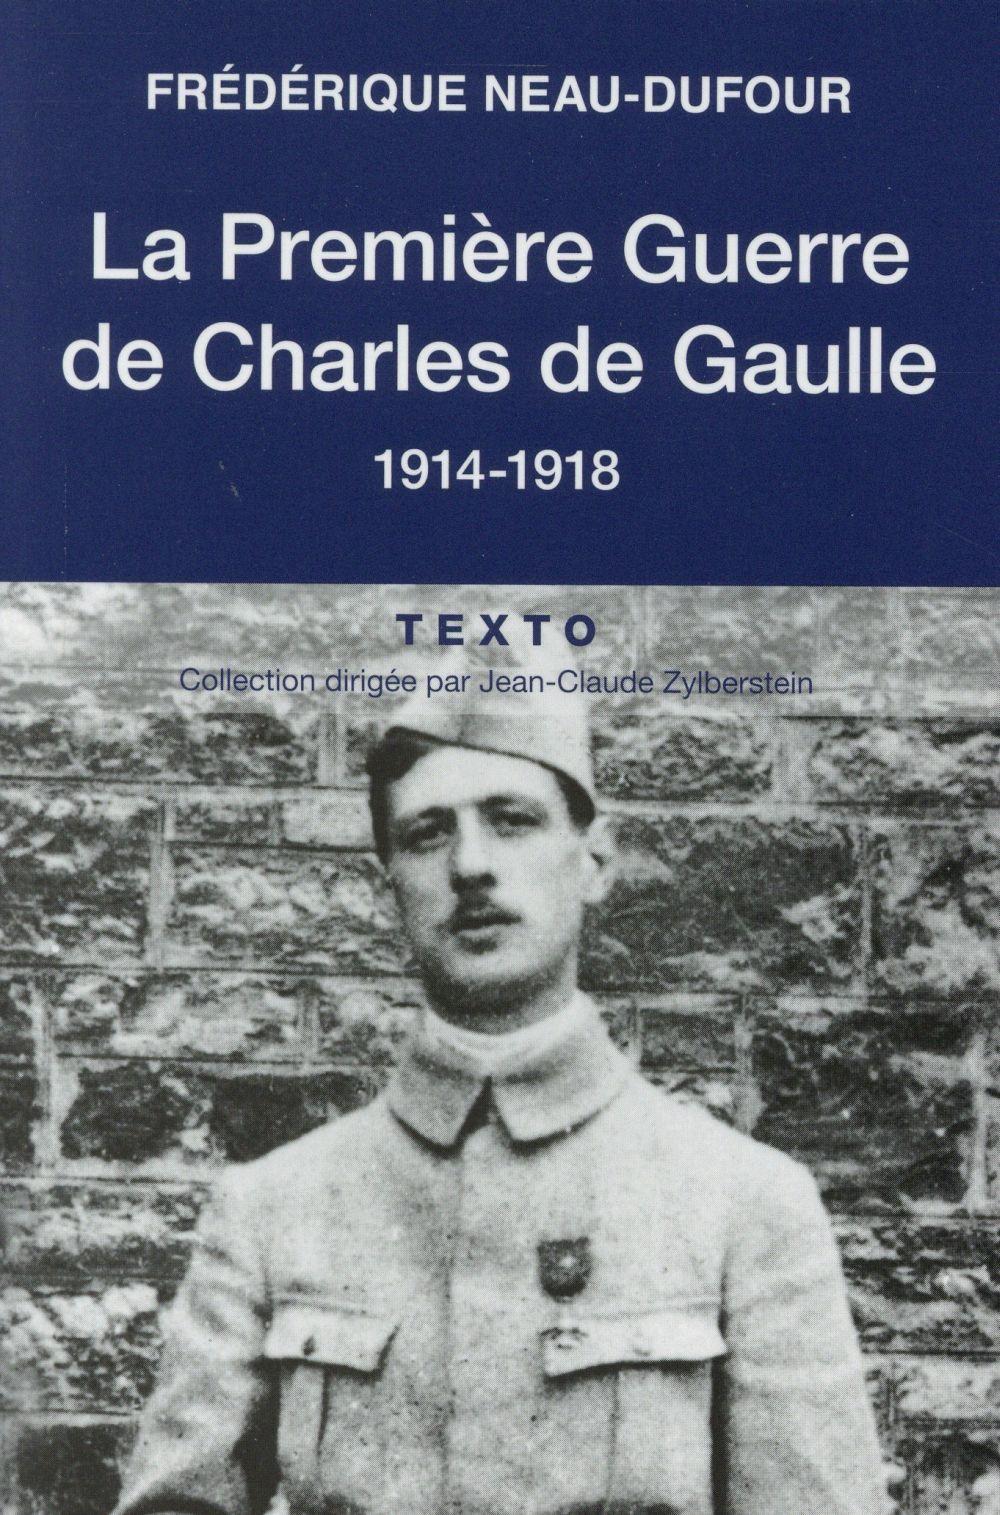 La première guerre de Charles de Gaulle, 1914-1918